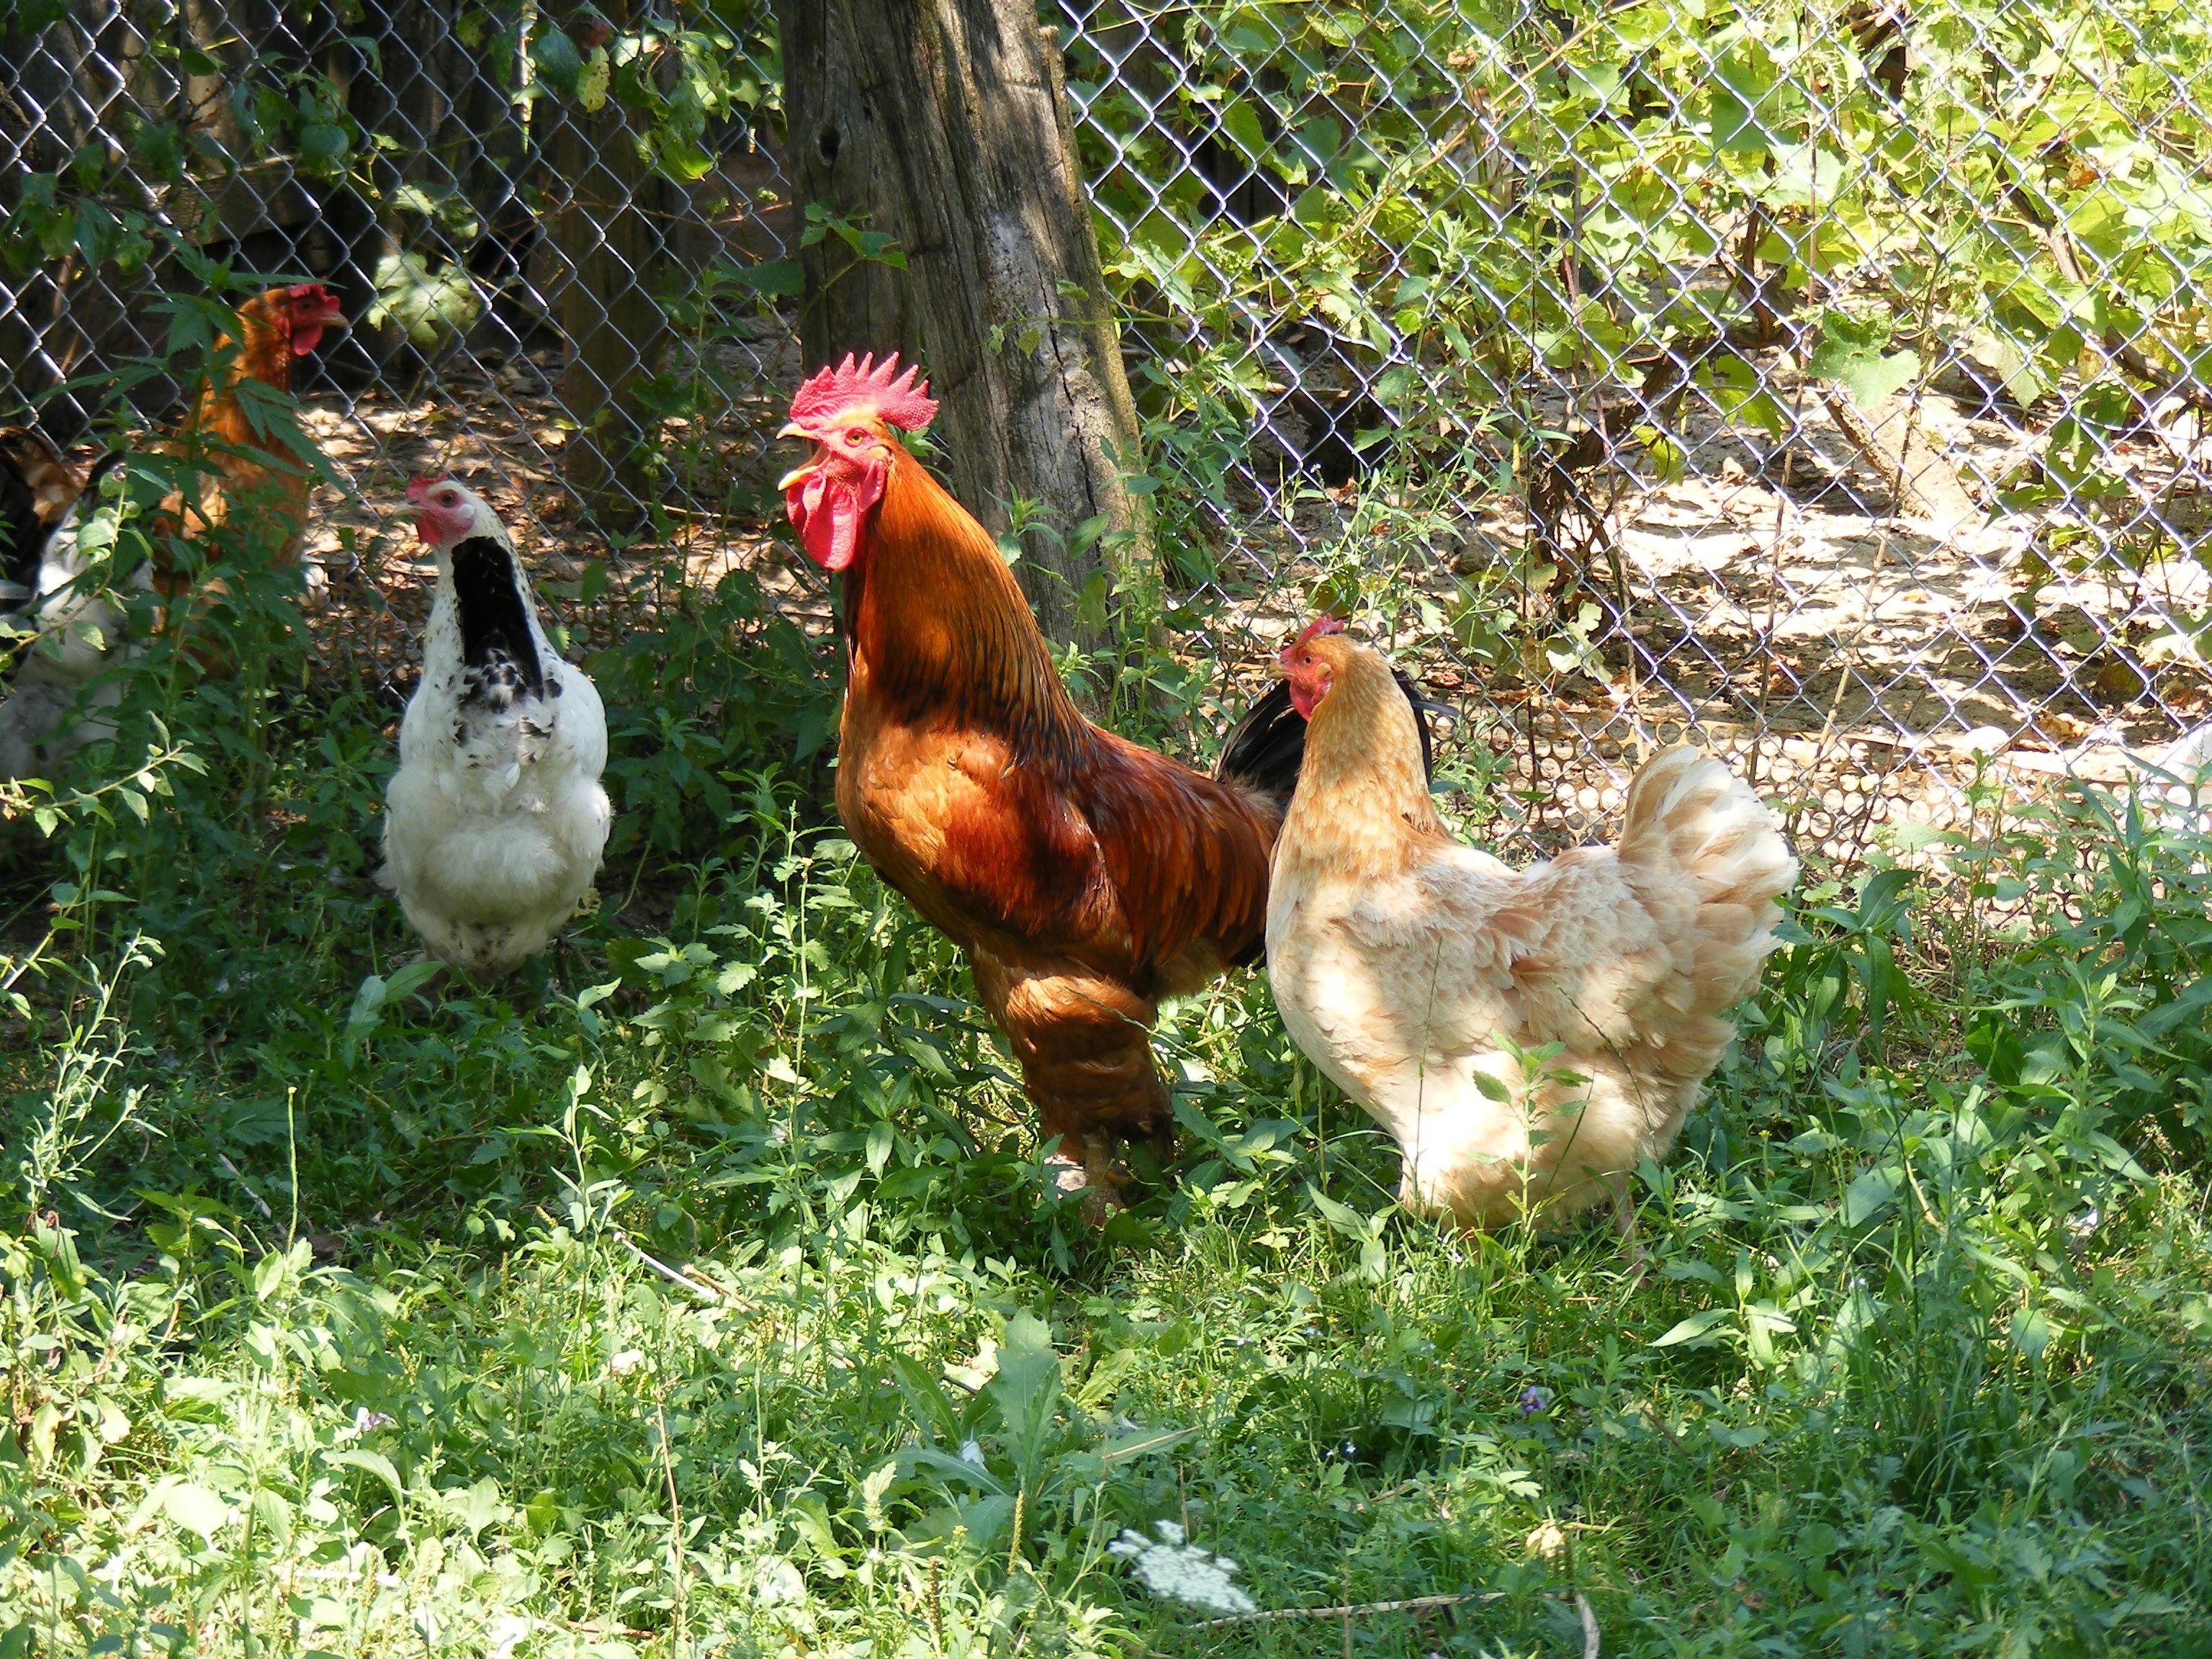 Images Gratuites Oiseau Ferme Jardin Poulet Faune Coq La